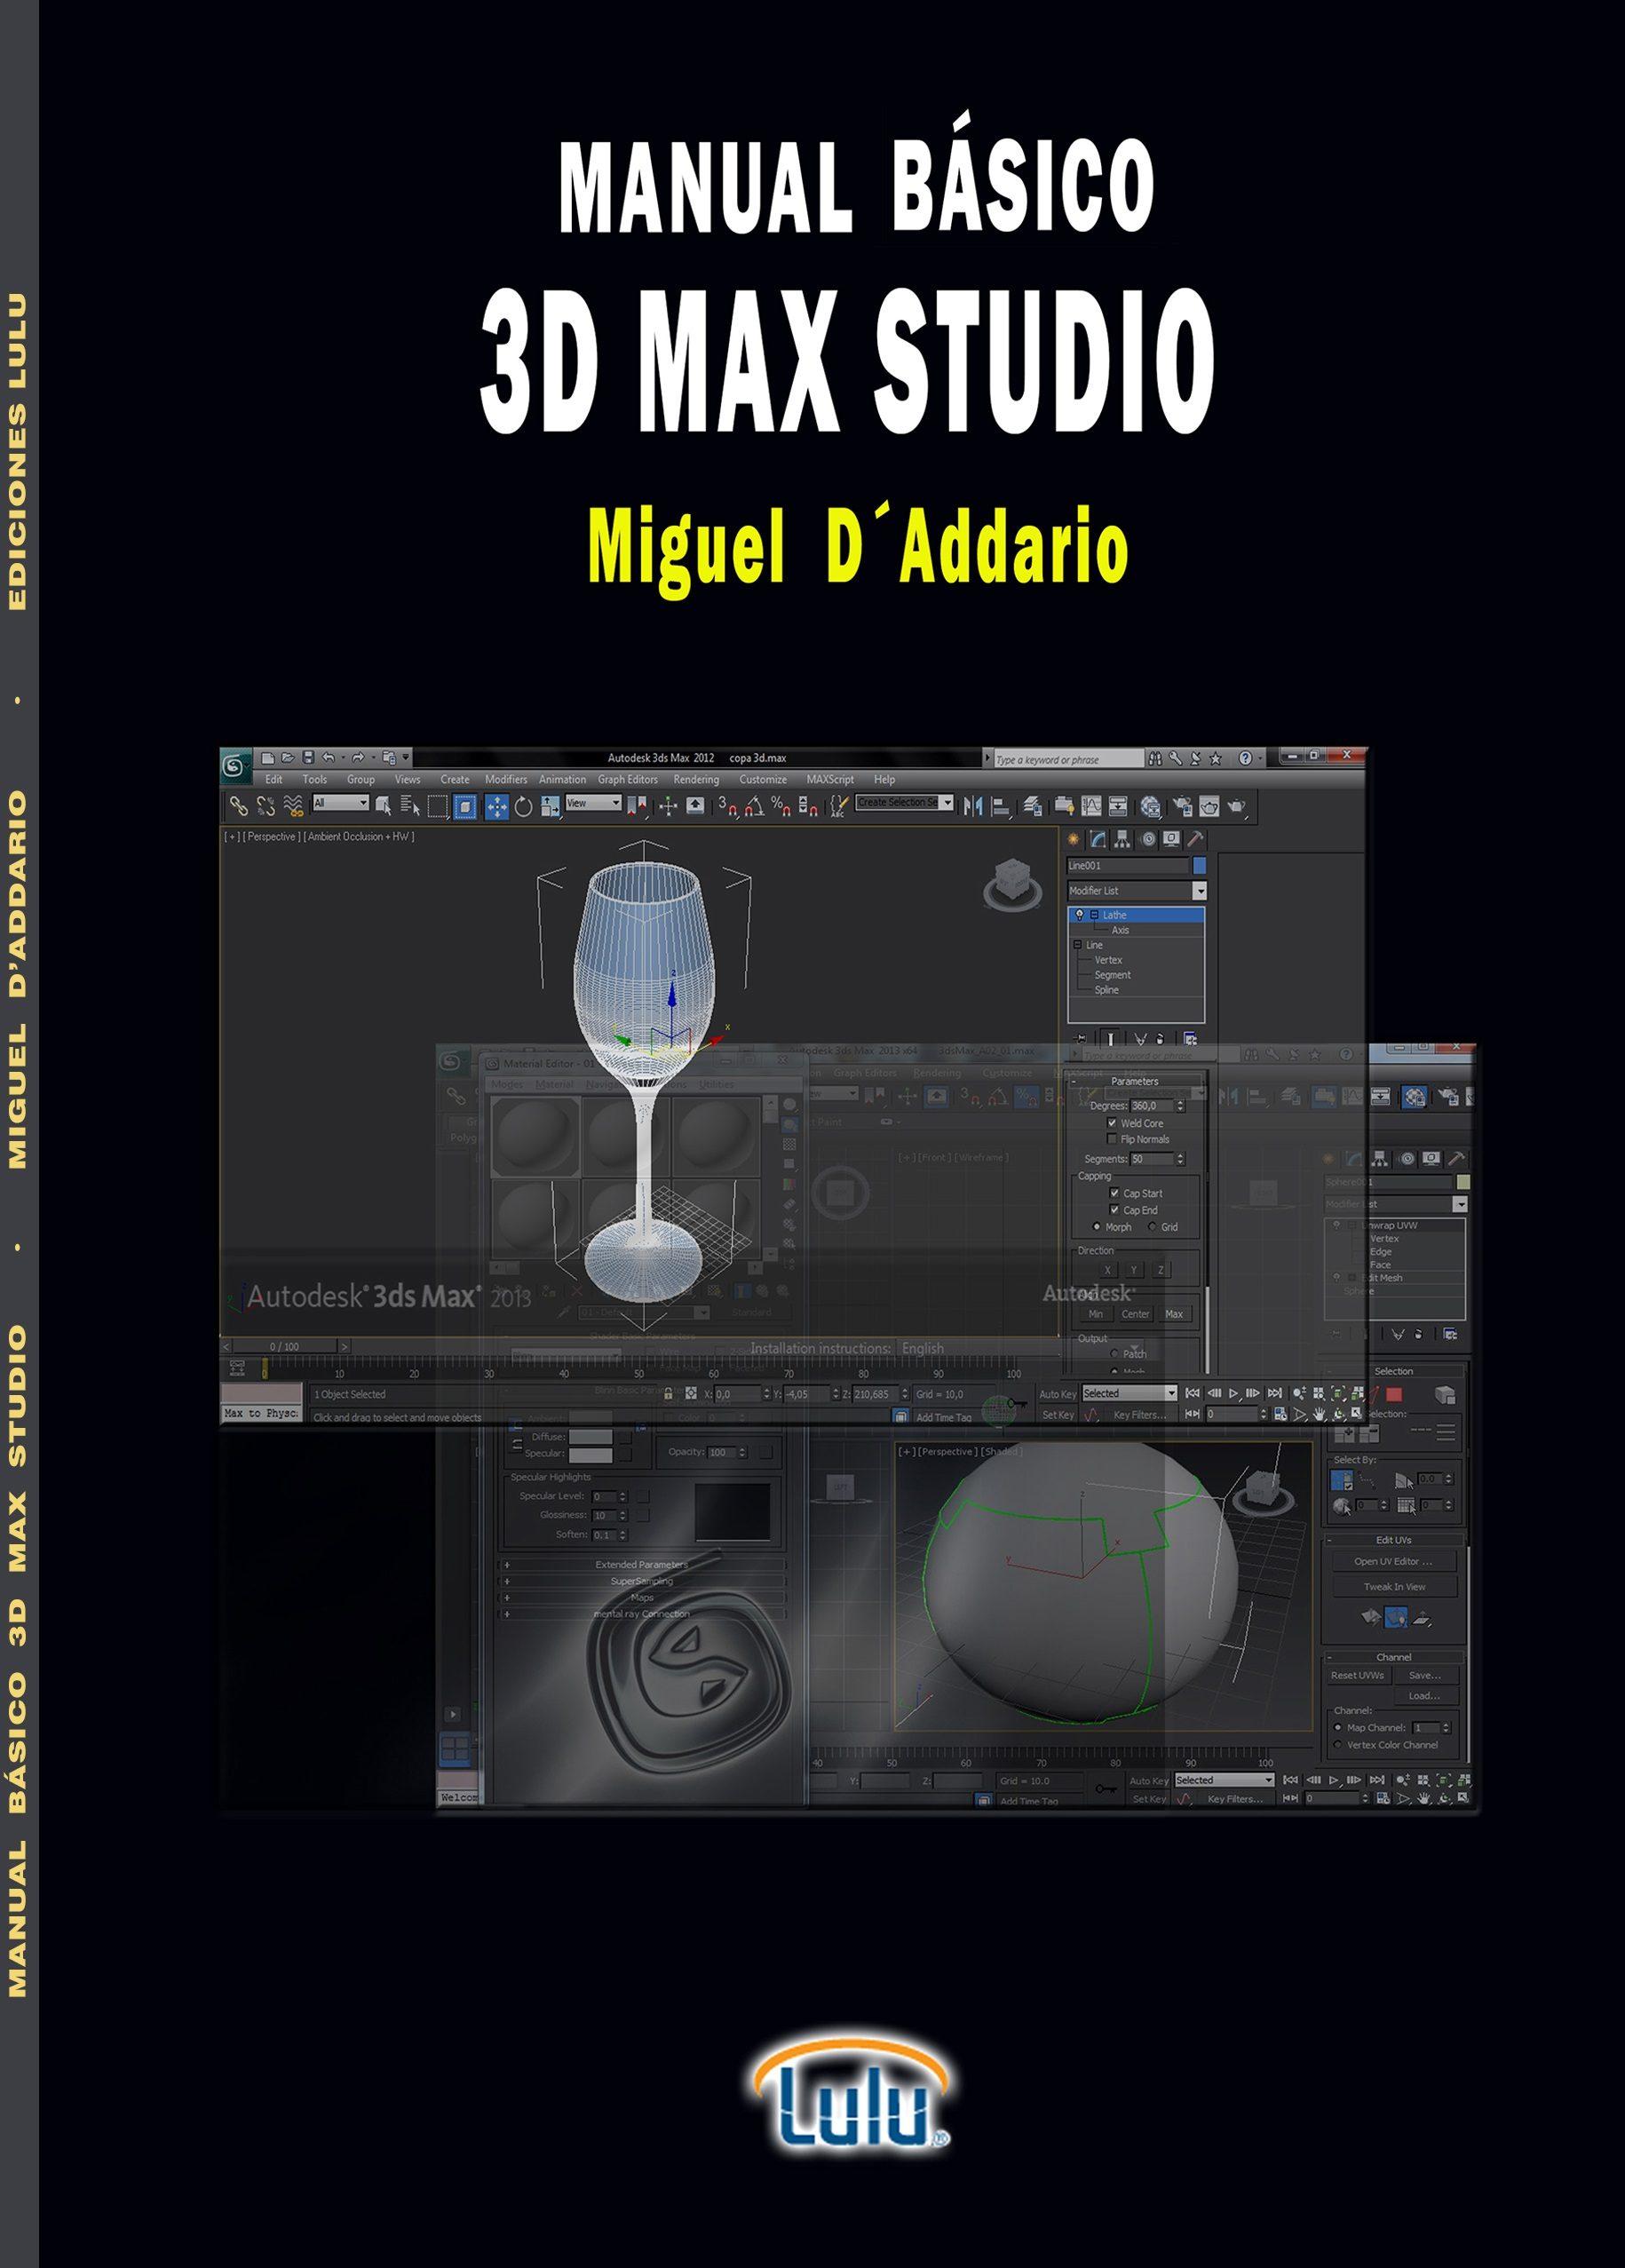 manual de 3d max studio b sico ebook vv aa descargar libro pdf rh casadellibro com manual de 3d max 2015 pdf manual 3d max pdf